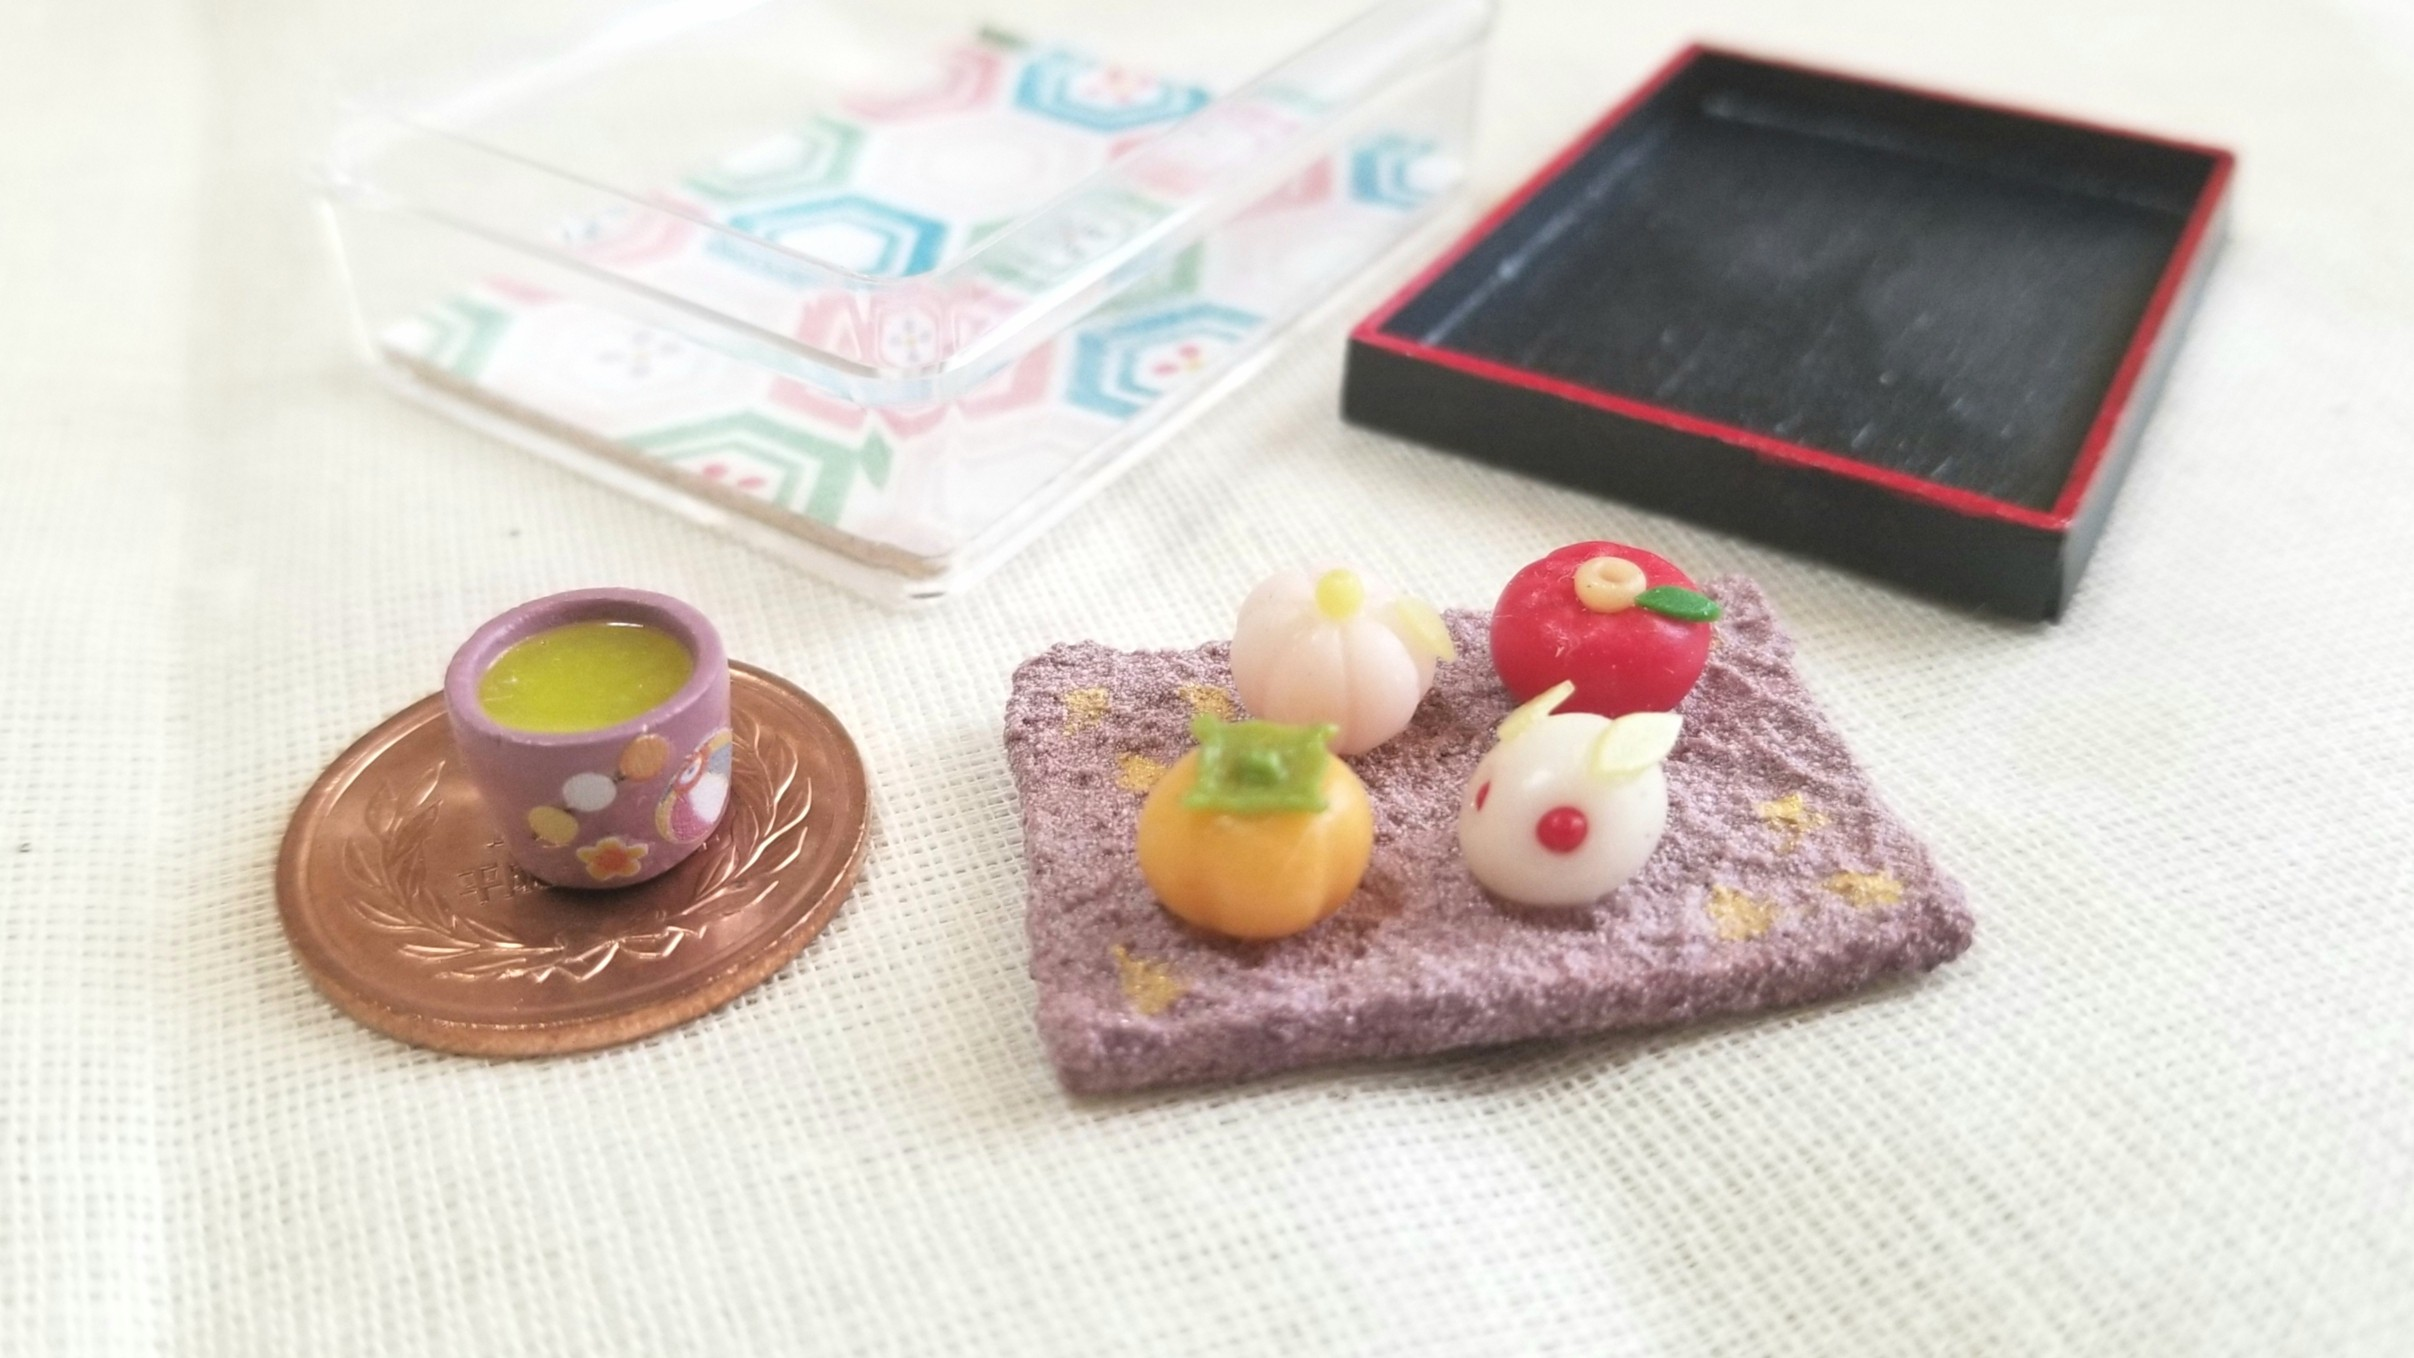 可愛い和菓子,うさぎ饅頭,柿,桃,椿,絶品,ミニチュア,美味し抹茶,季節